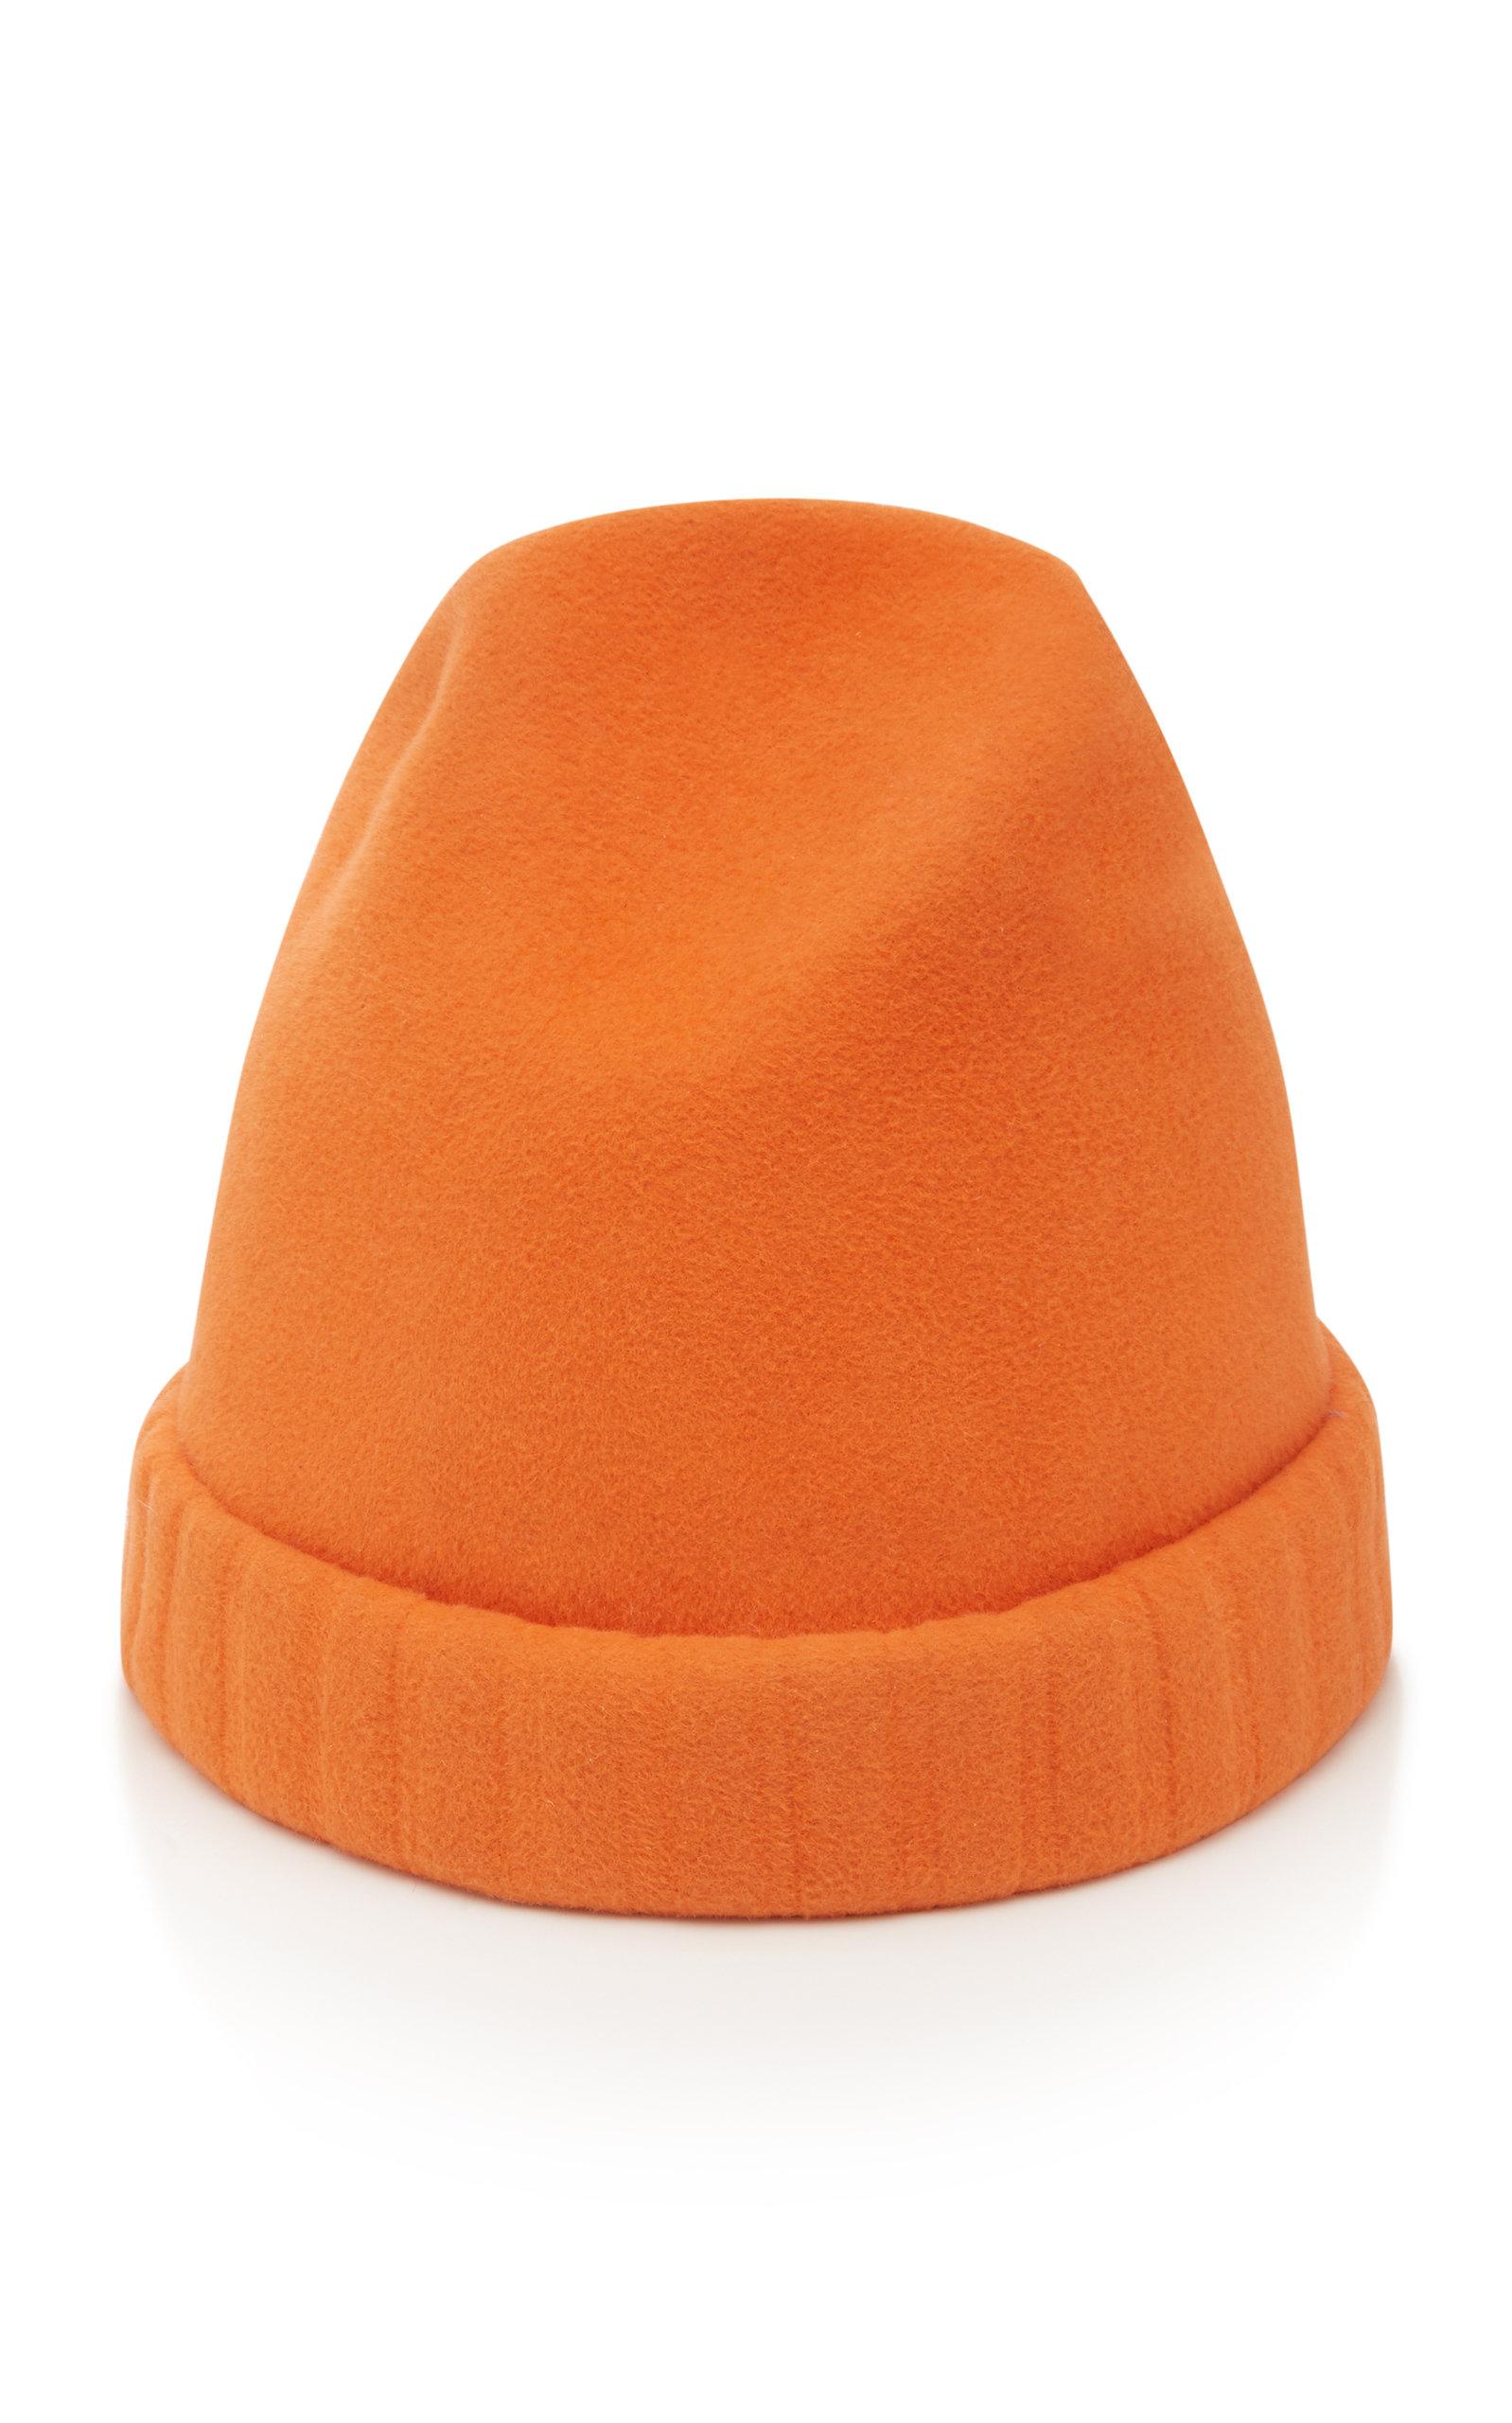 YESTADT MILLINERY Bunnie Wool-Felt Beanie in Orange